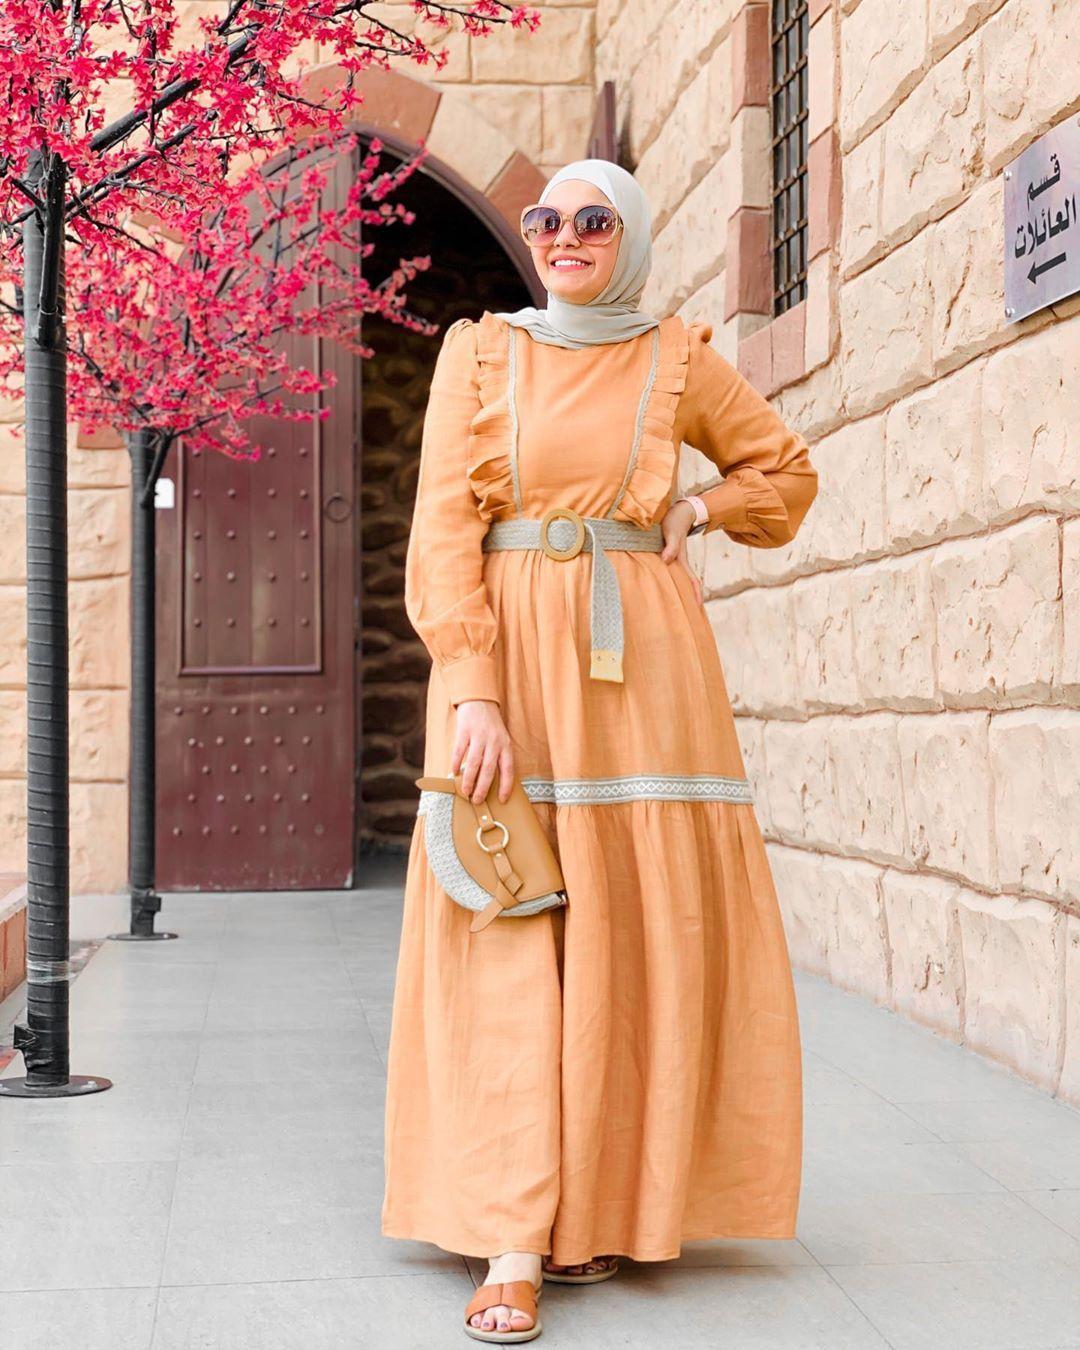 Ayafwzy لون جديد للفستان اول مره اجربه عجبنى جدا لونه مع اللون البيچ الفستان معاه الحزام ممكن High Neck Dress Dresses Fashion